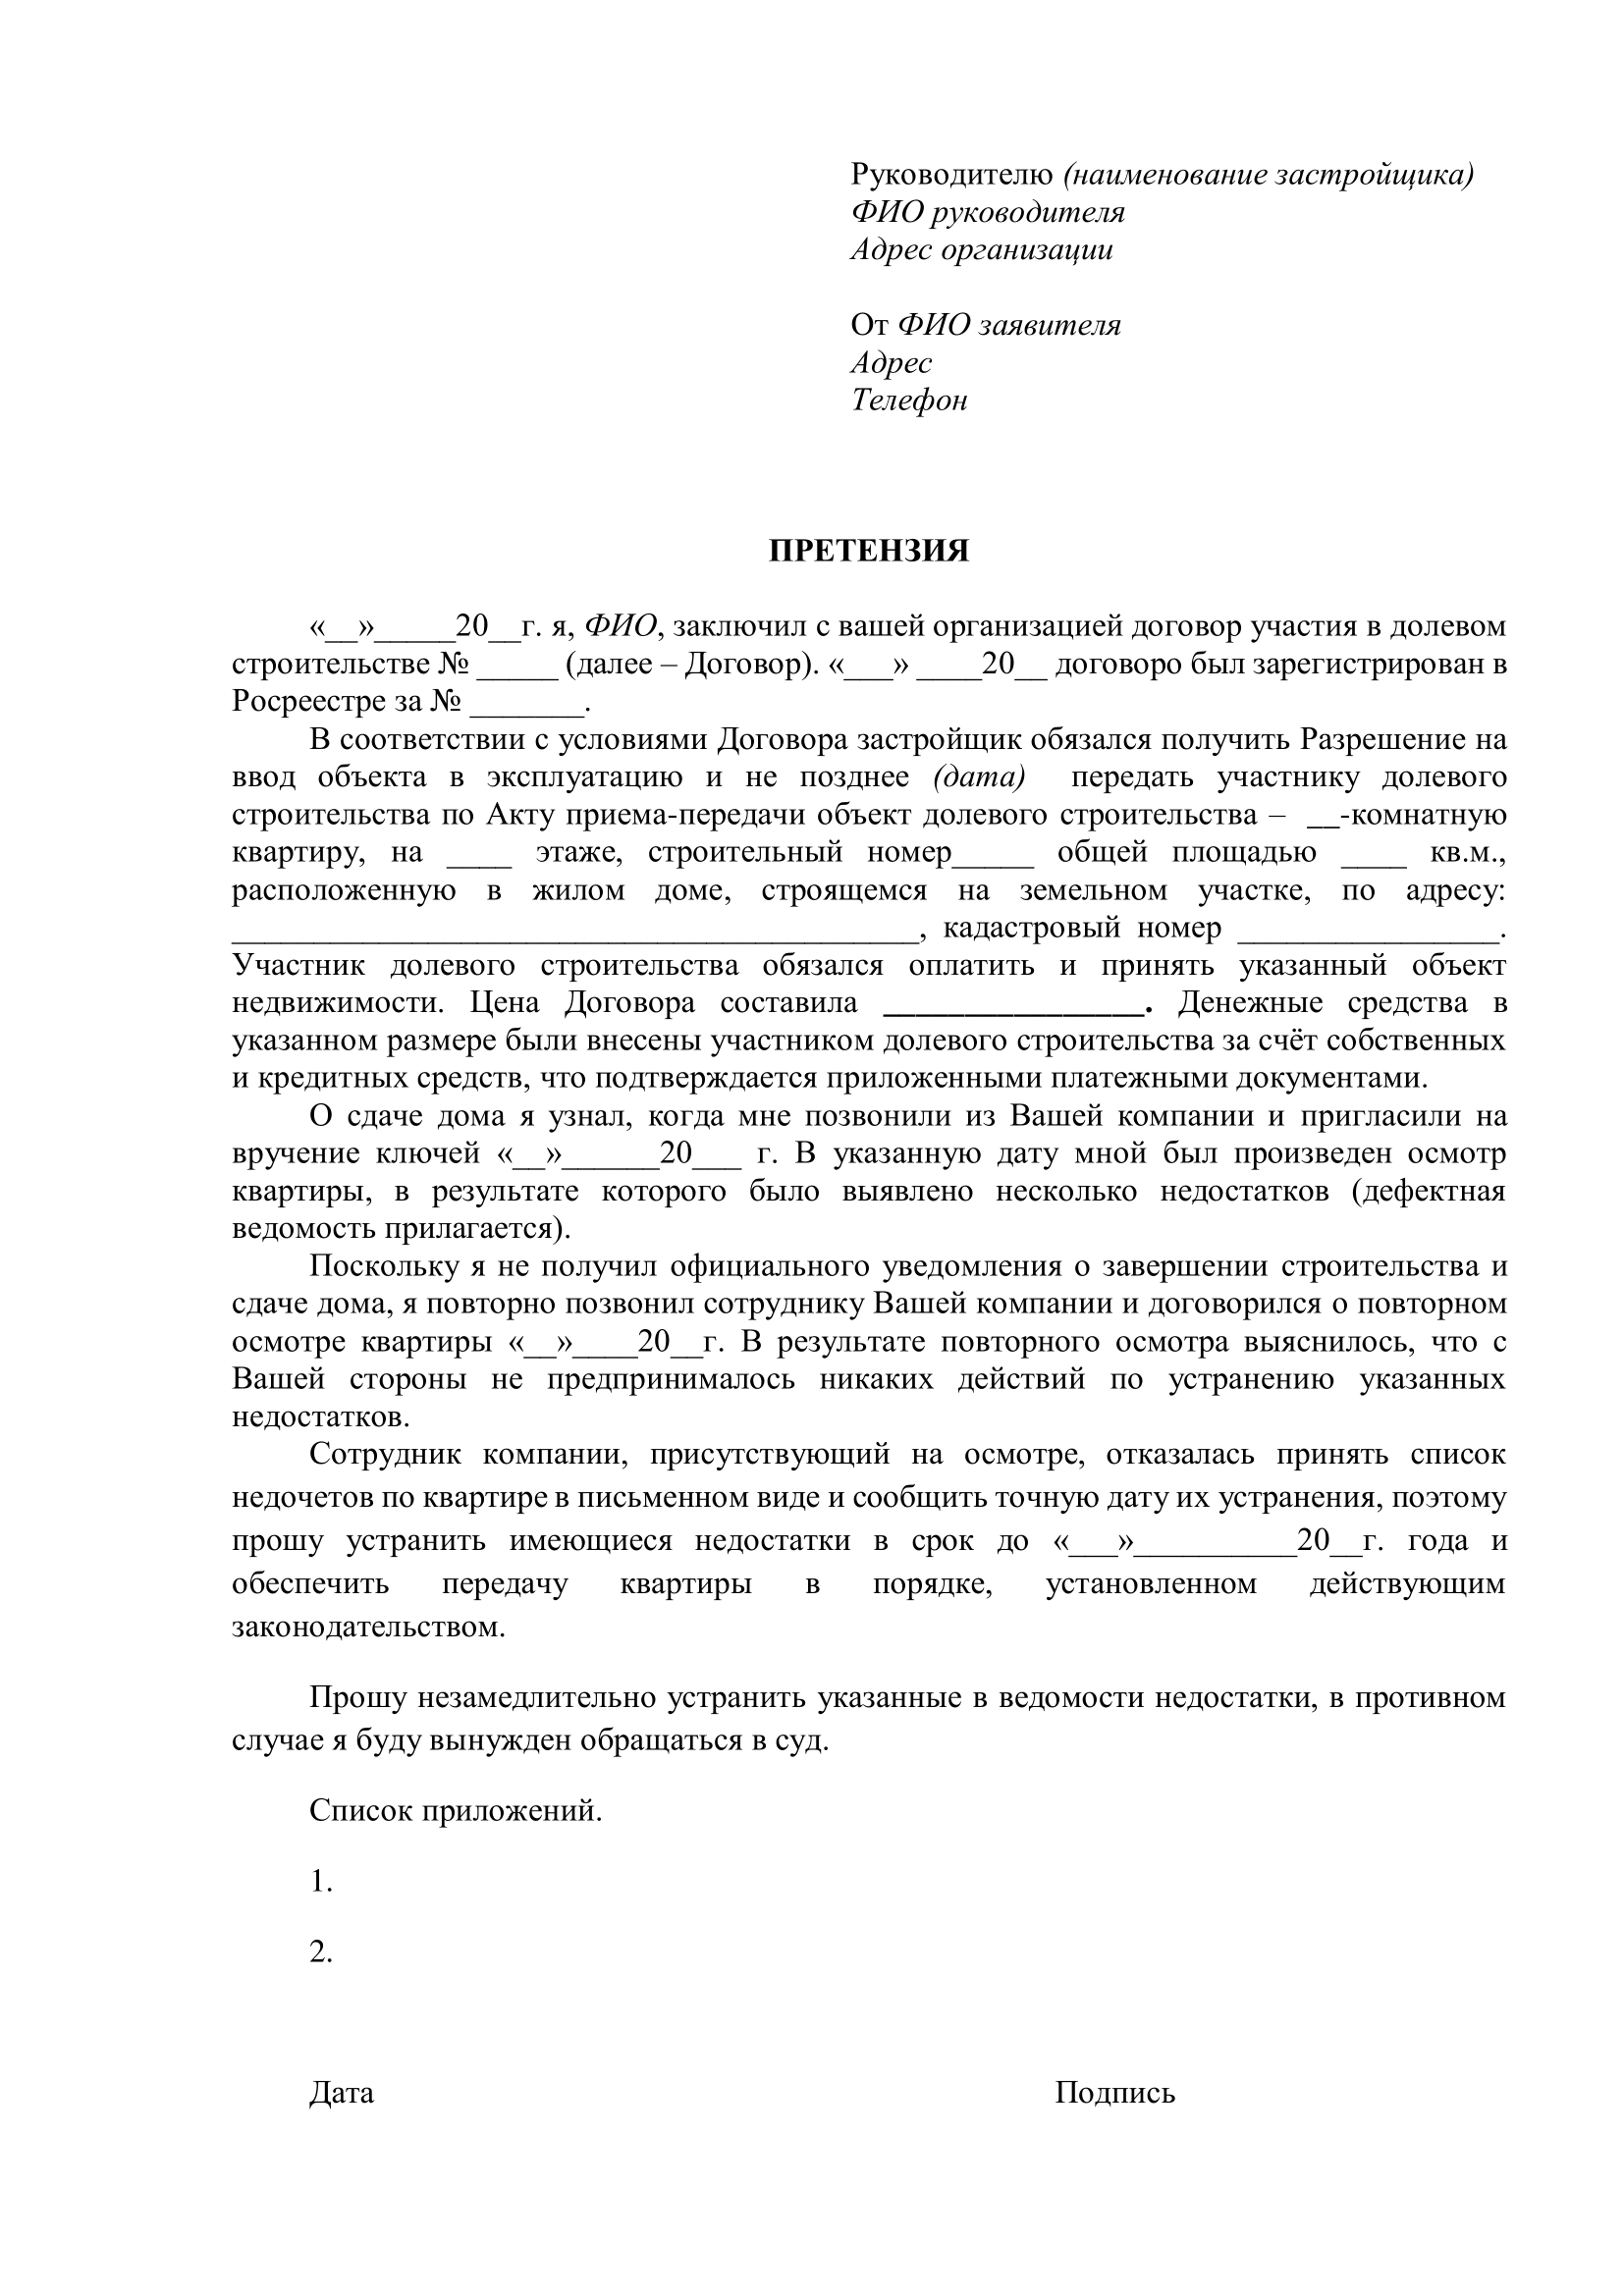 Претензия по ДДУ на устранение недостатков